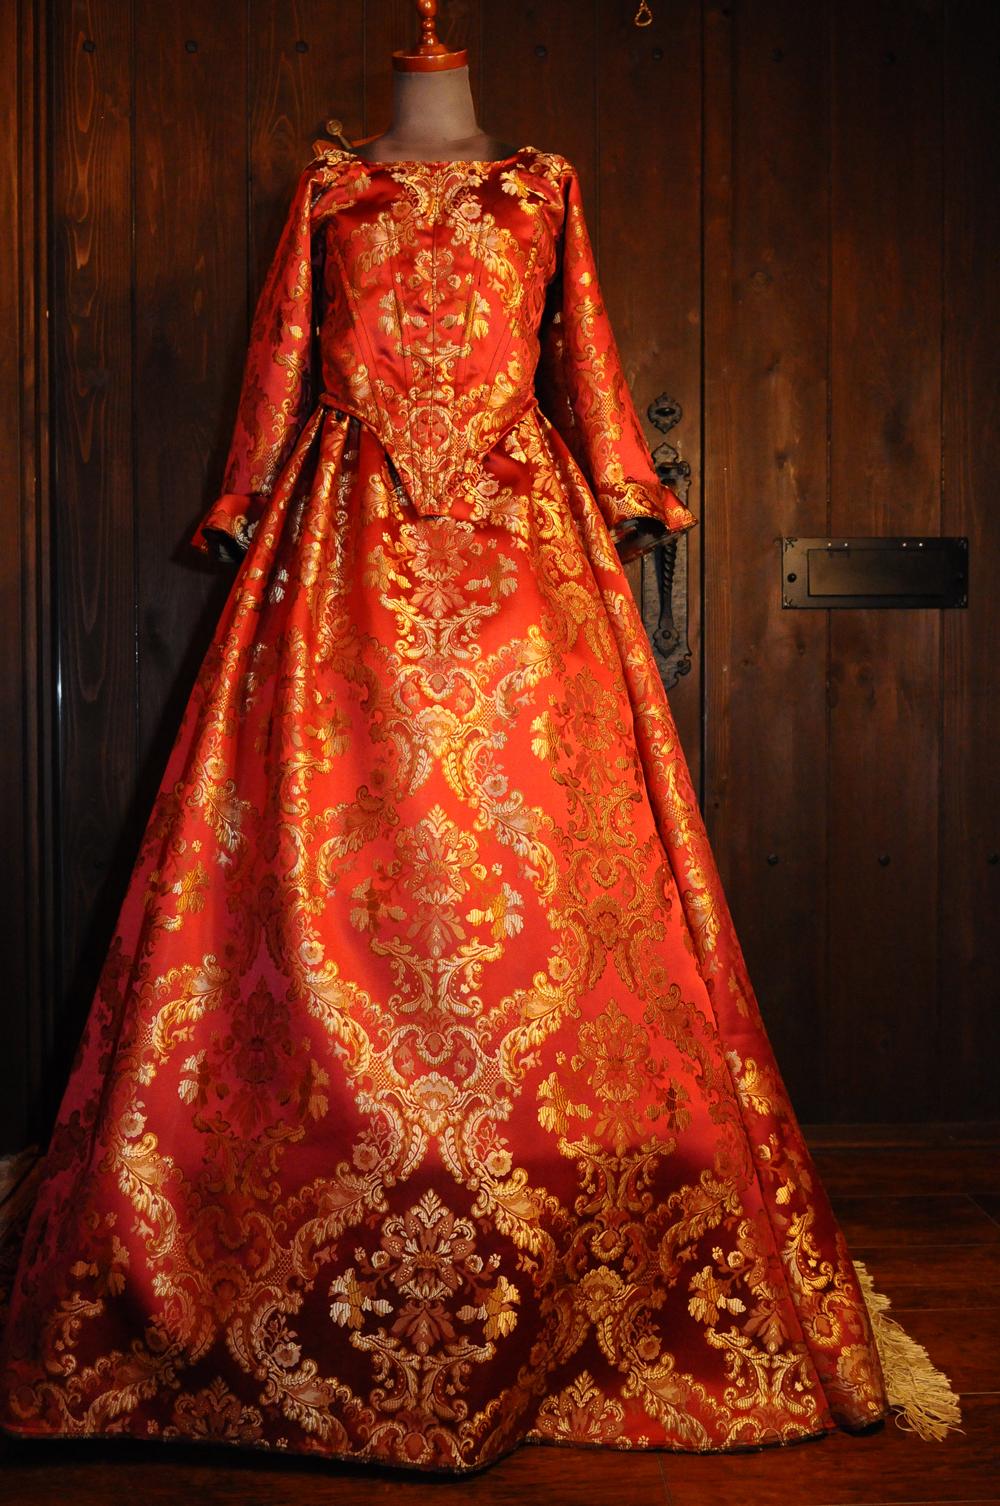 ゴシックドレス 中世貴族ドレス 海賊 ルネッサンス